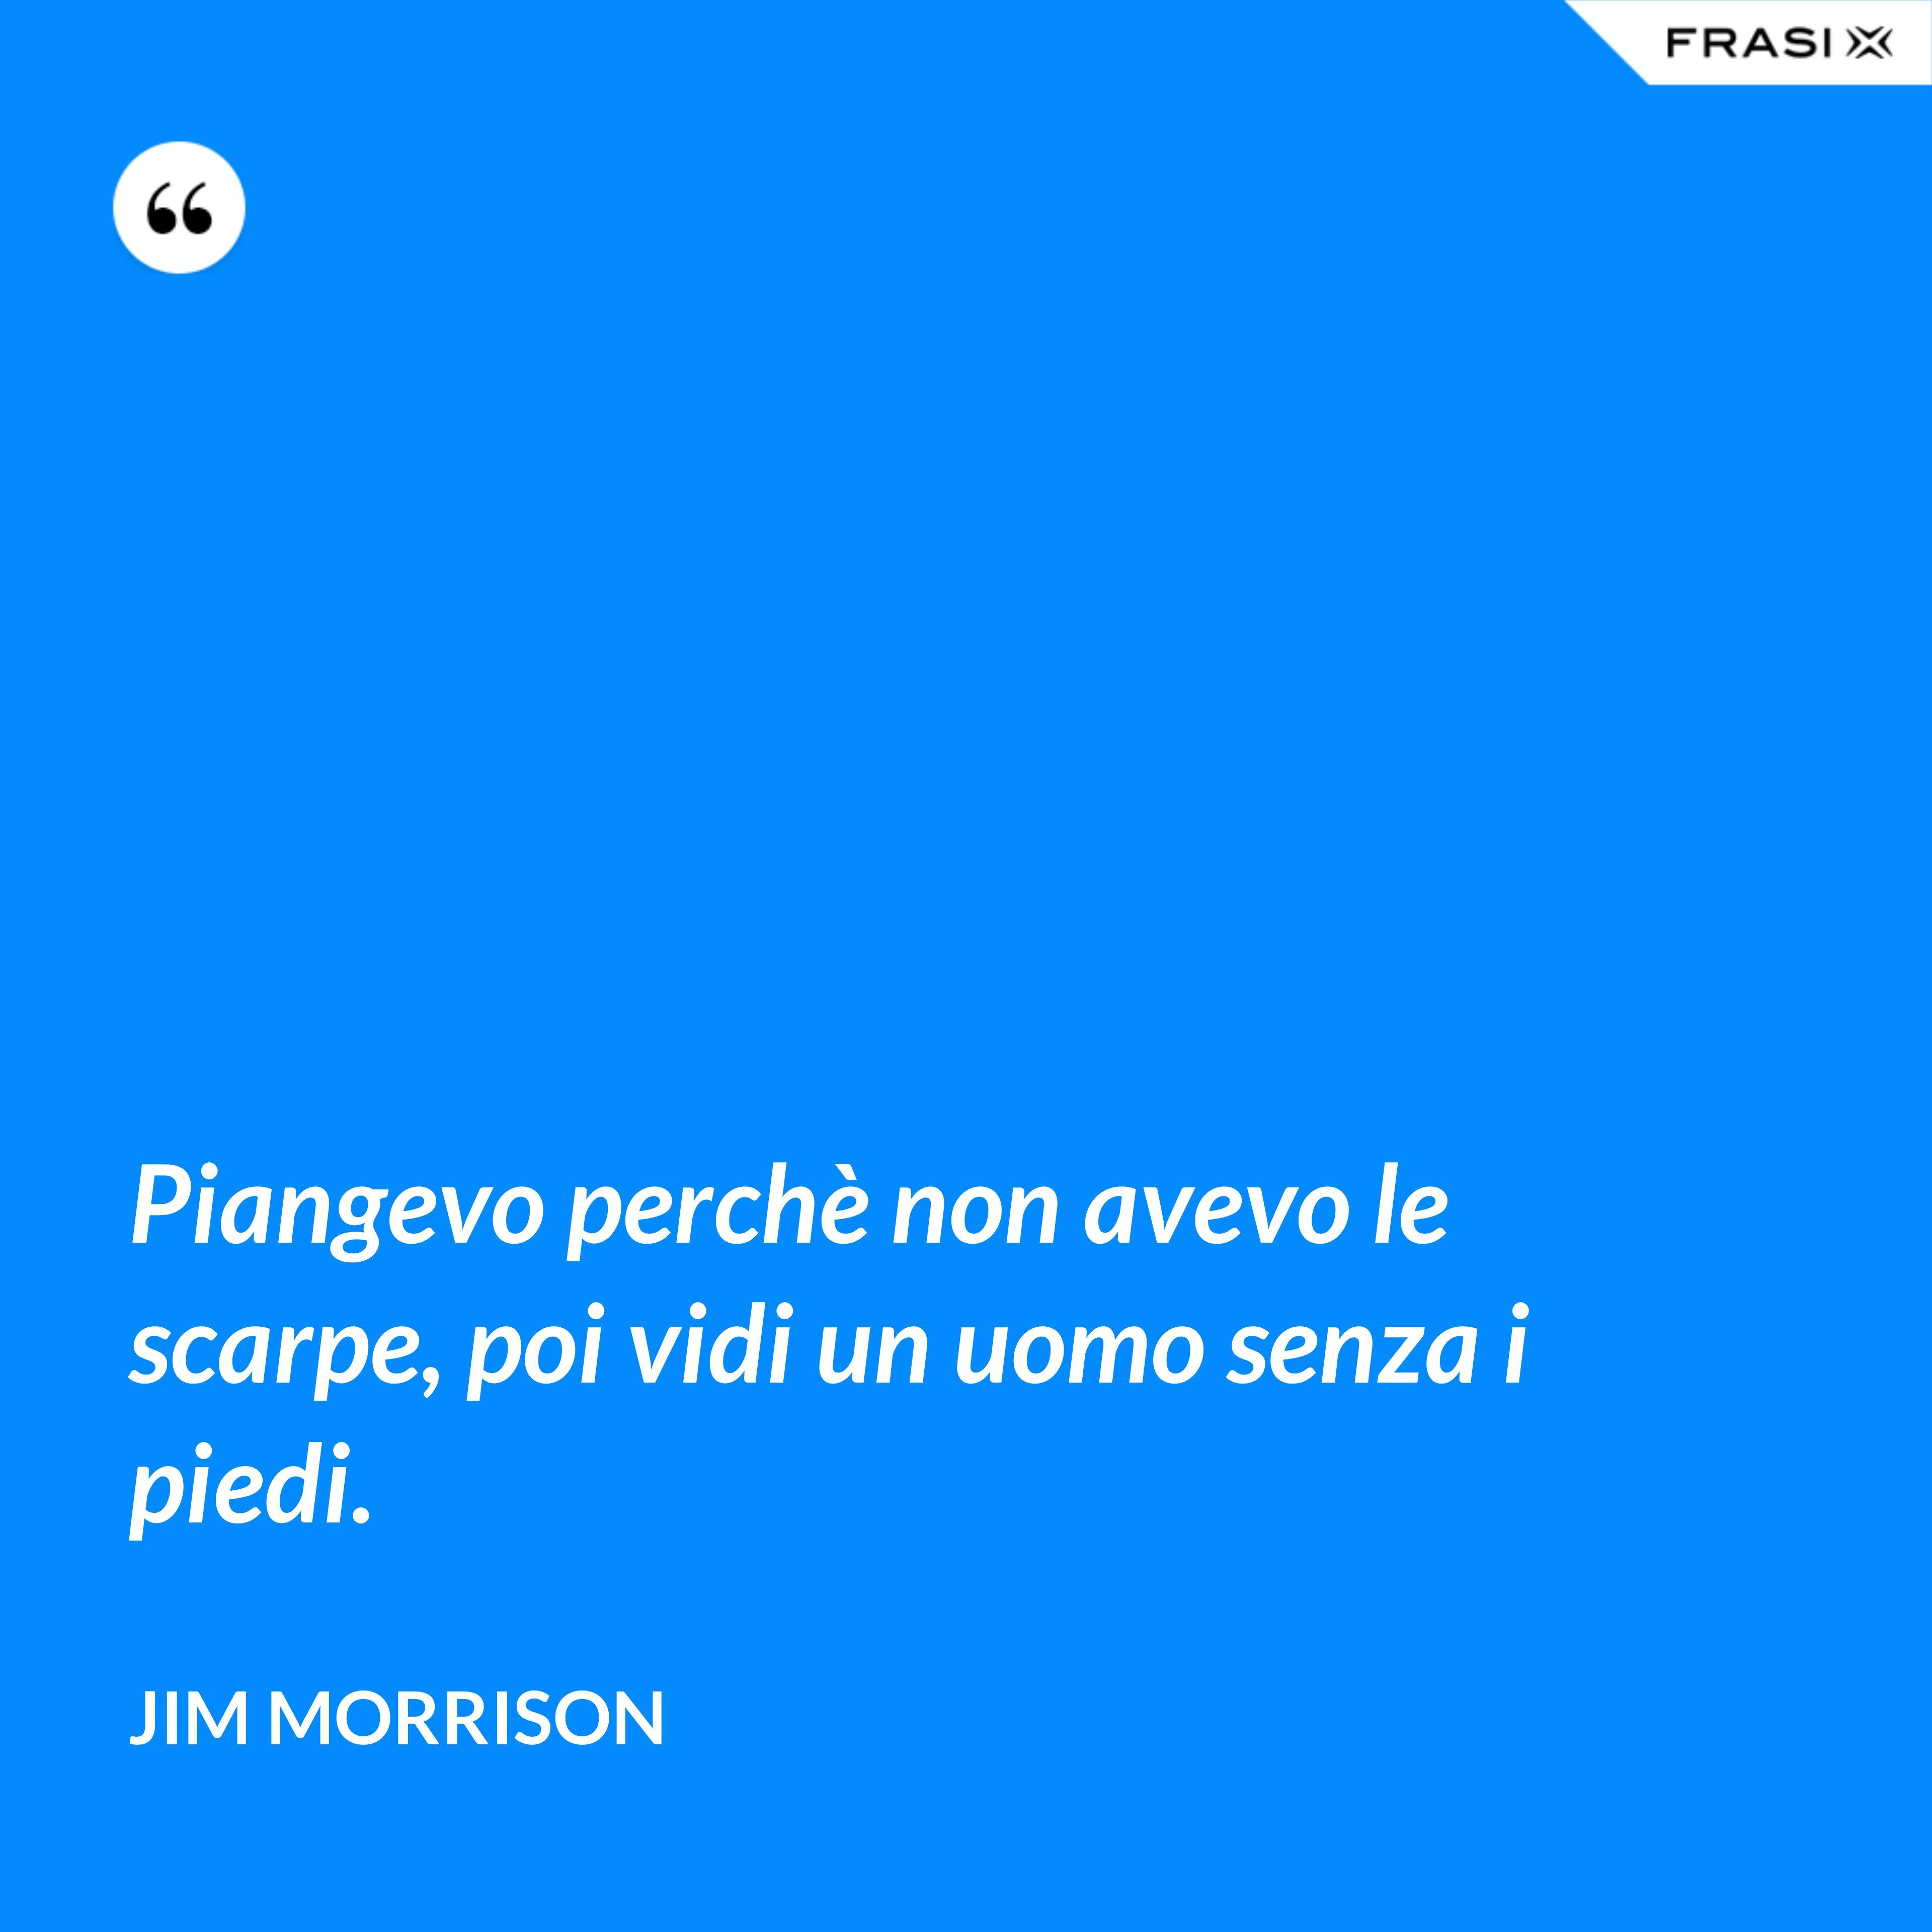 Piangevo perchè non avevo le scarpe, poi vidi un uomo senza i piedi. - Jim Morrison